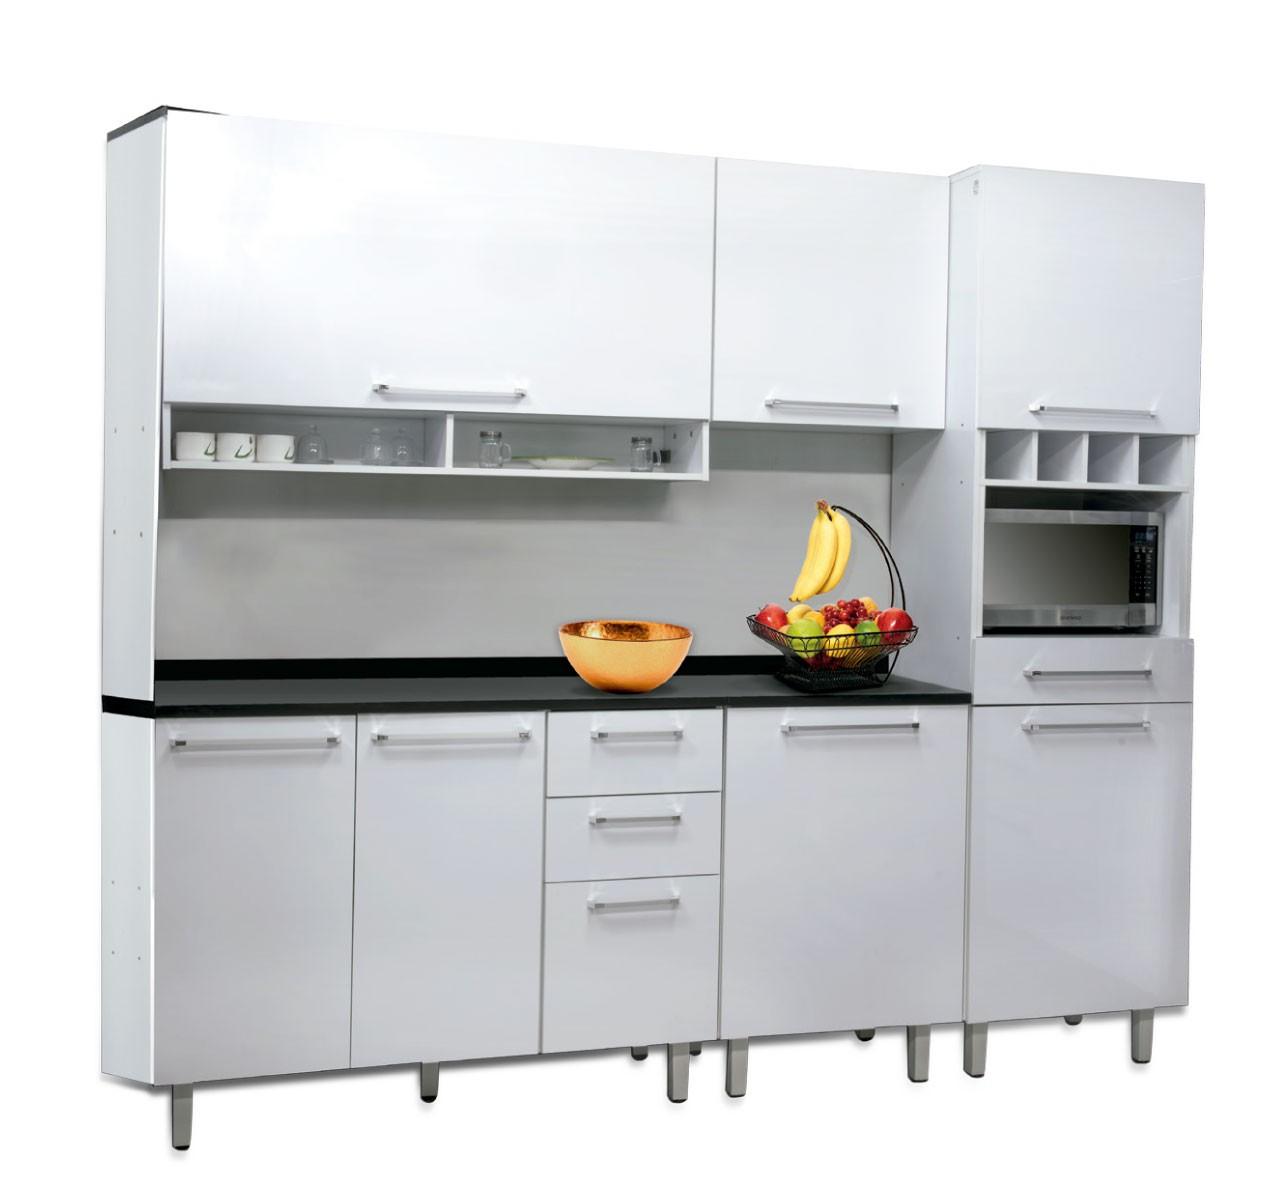 La casa de las cocinas sevilla stunning cocina sevilla - Muebles de cocina en sevilla ...